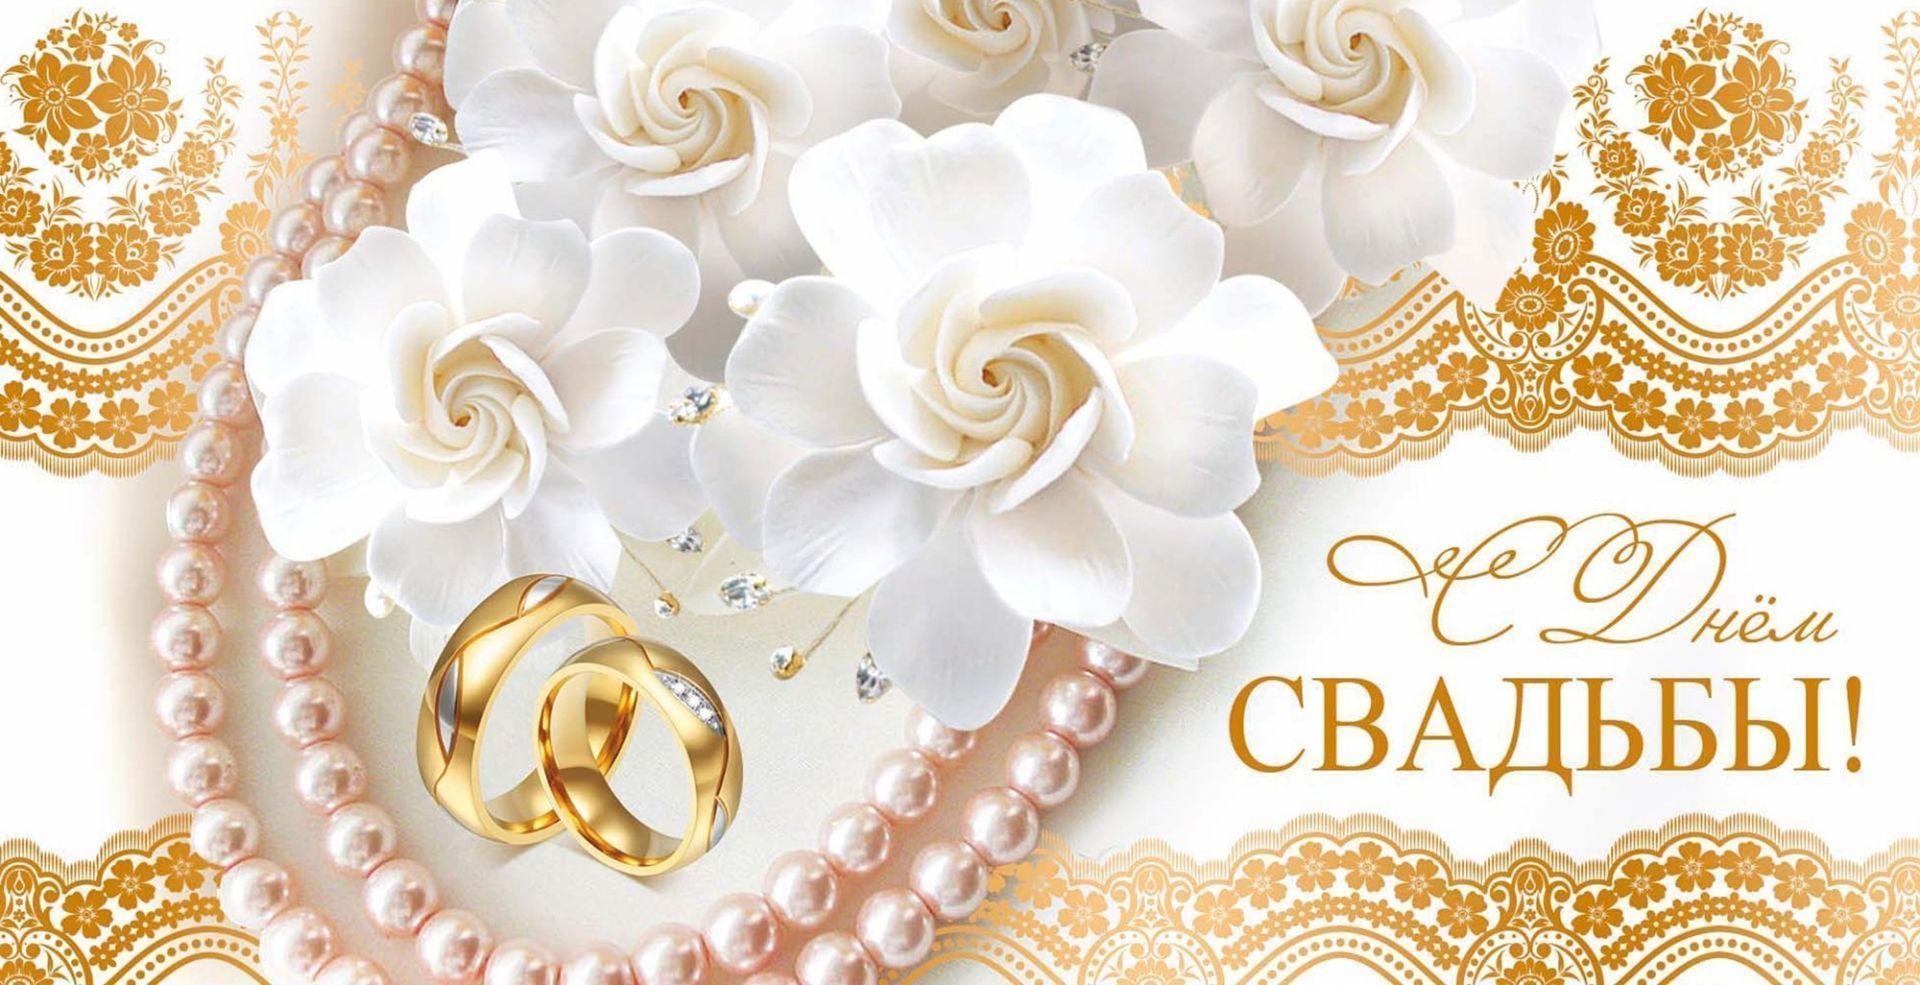 поздравление на свадьбу модное